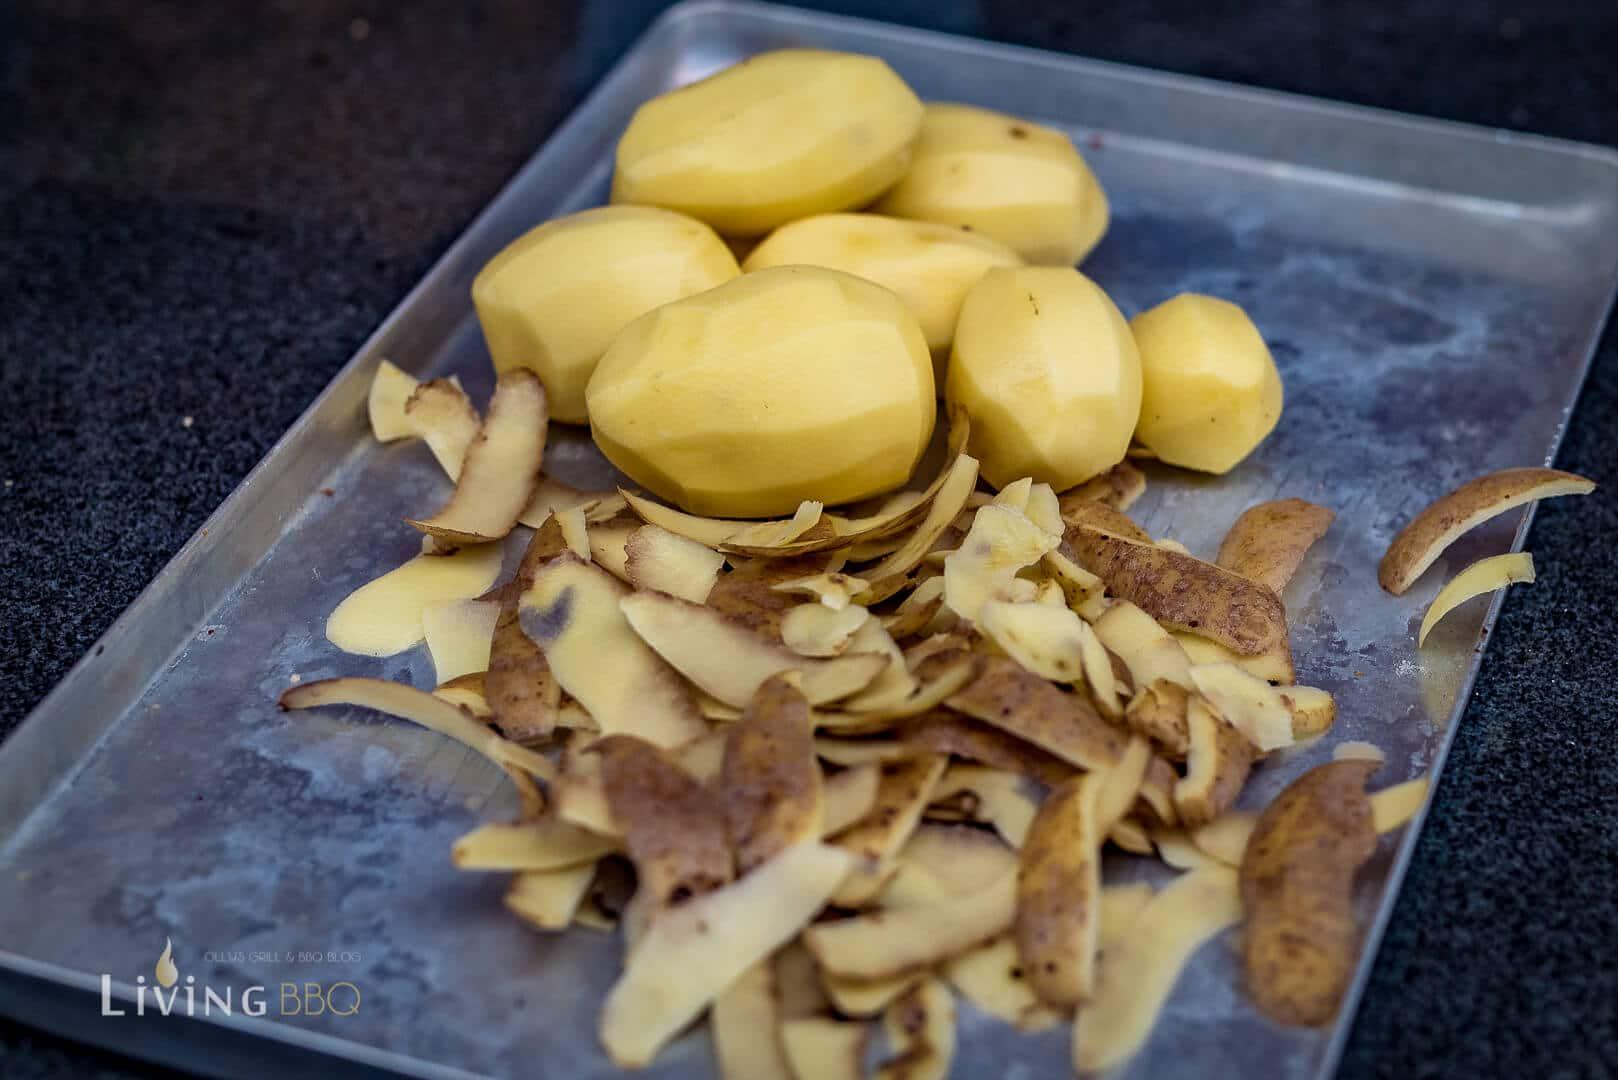 Kartoffeln schälen und kochen [object object]_Sheperd  s Pie 2 von 21 1